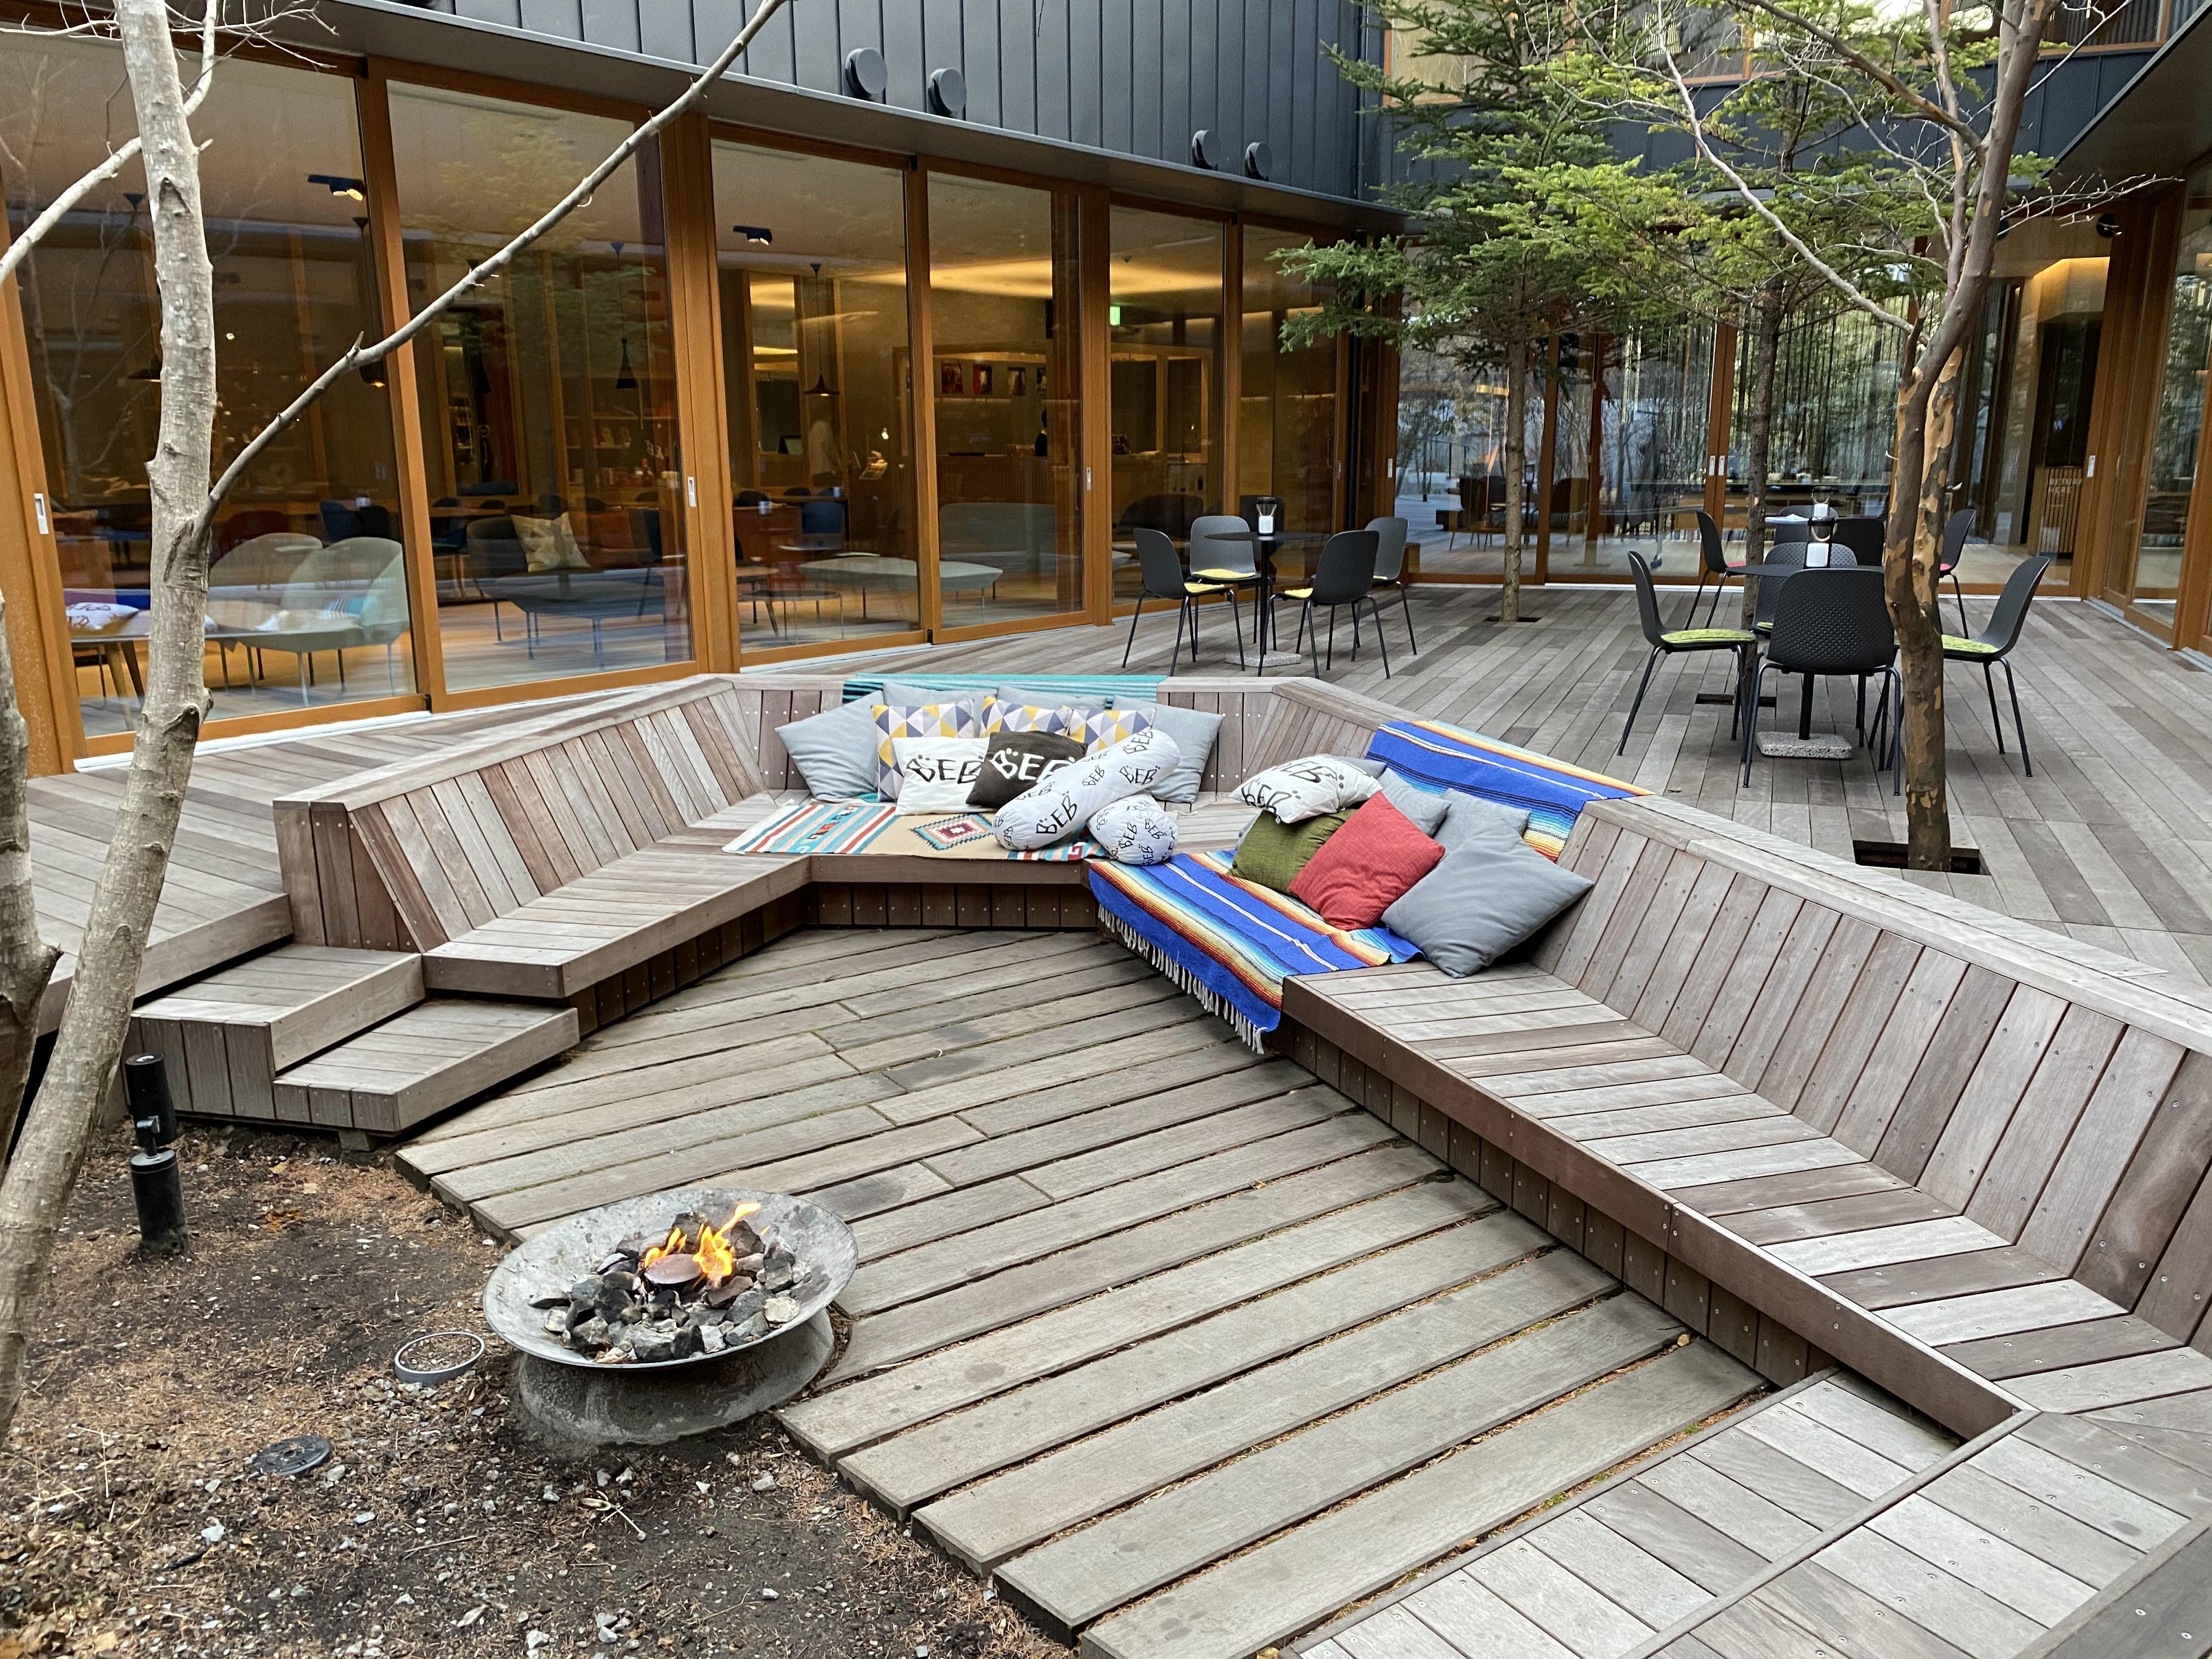 【連載】居酒屋以上旅未満!?ルーズなホテル『星野リゾート BEB5 軽井沢』に行ってみた!